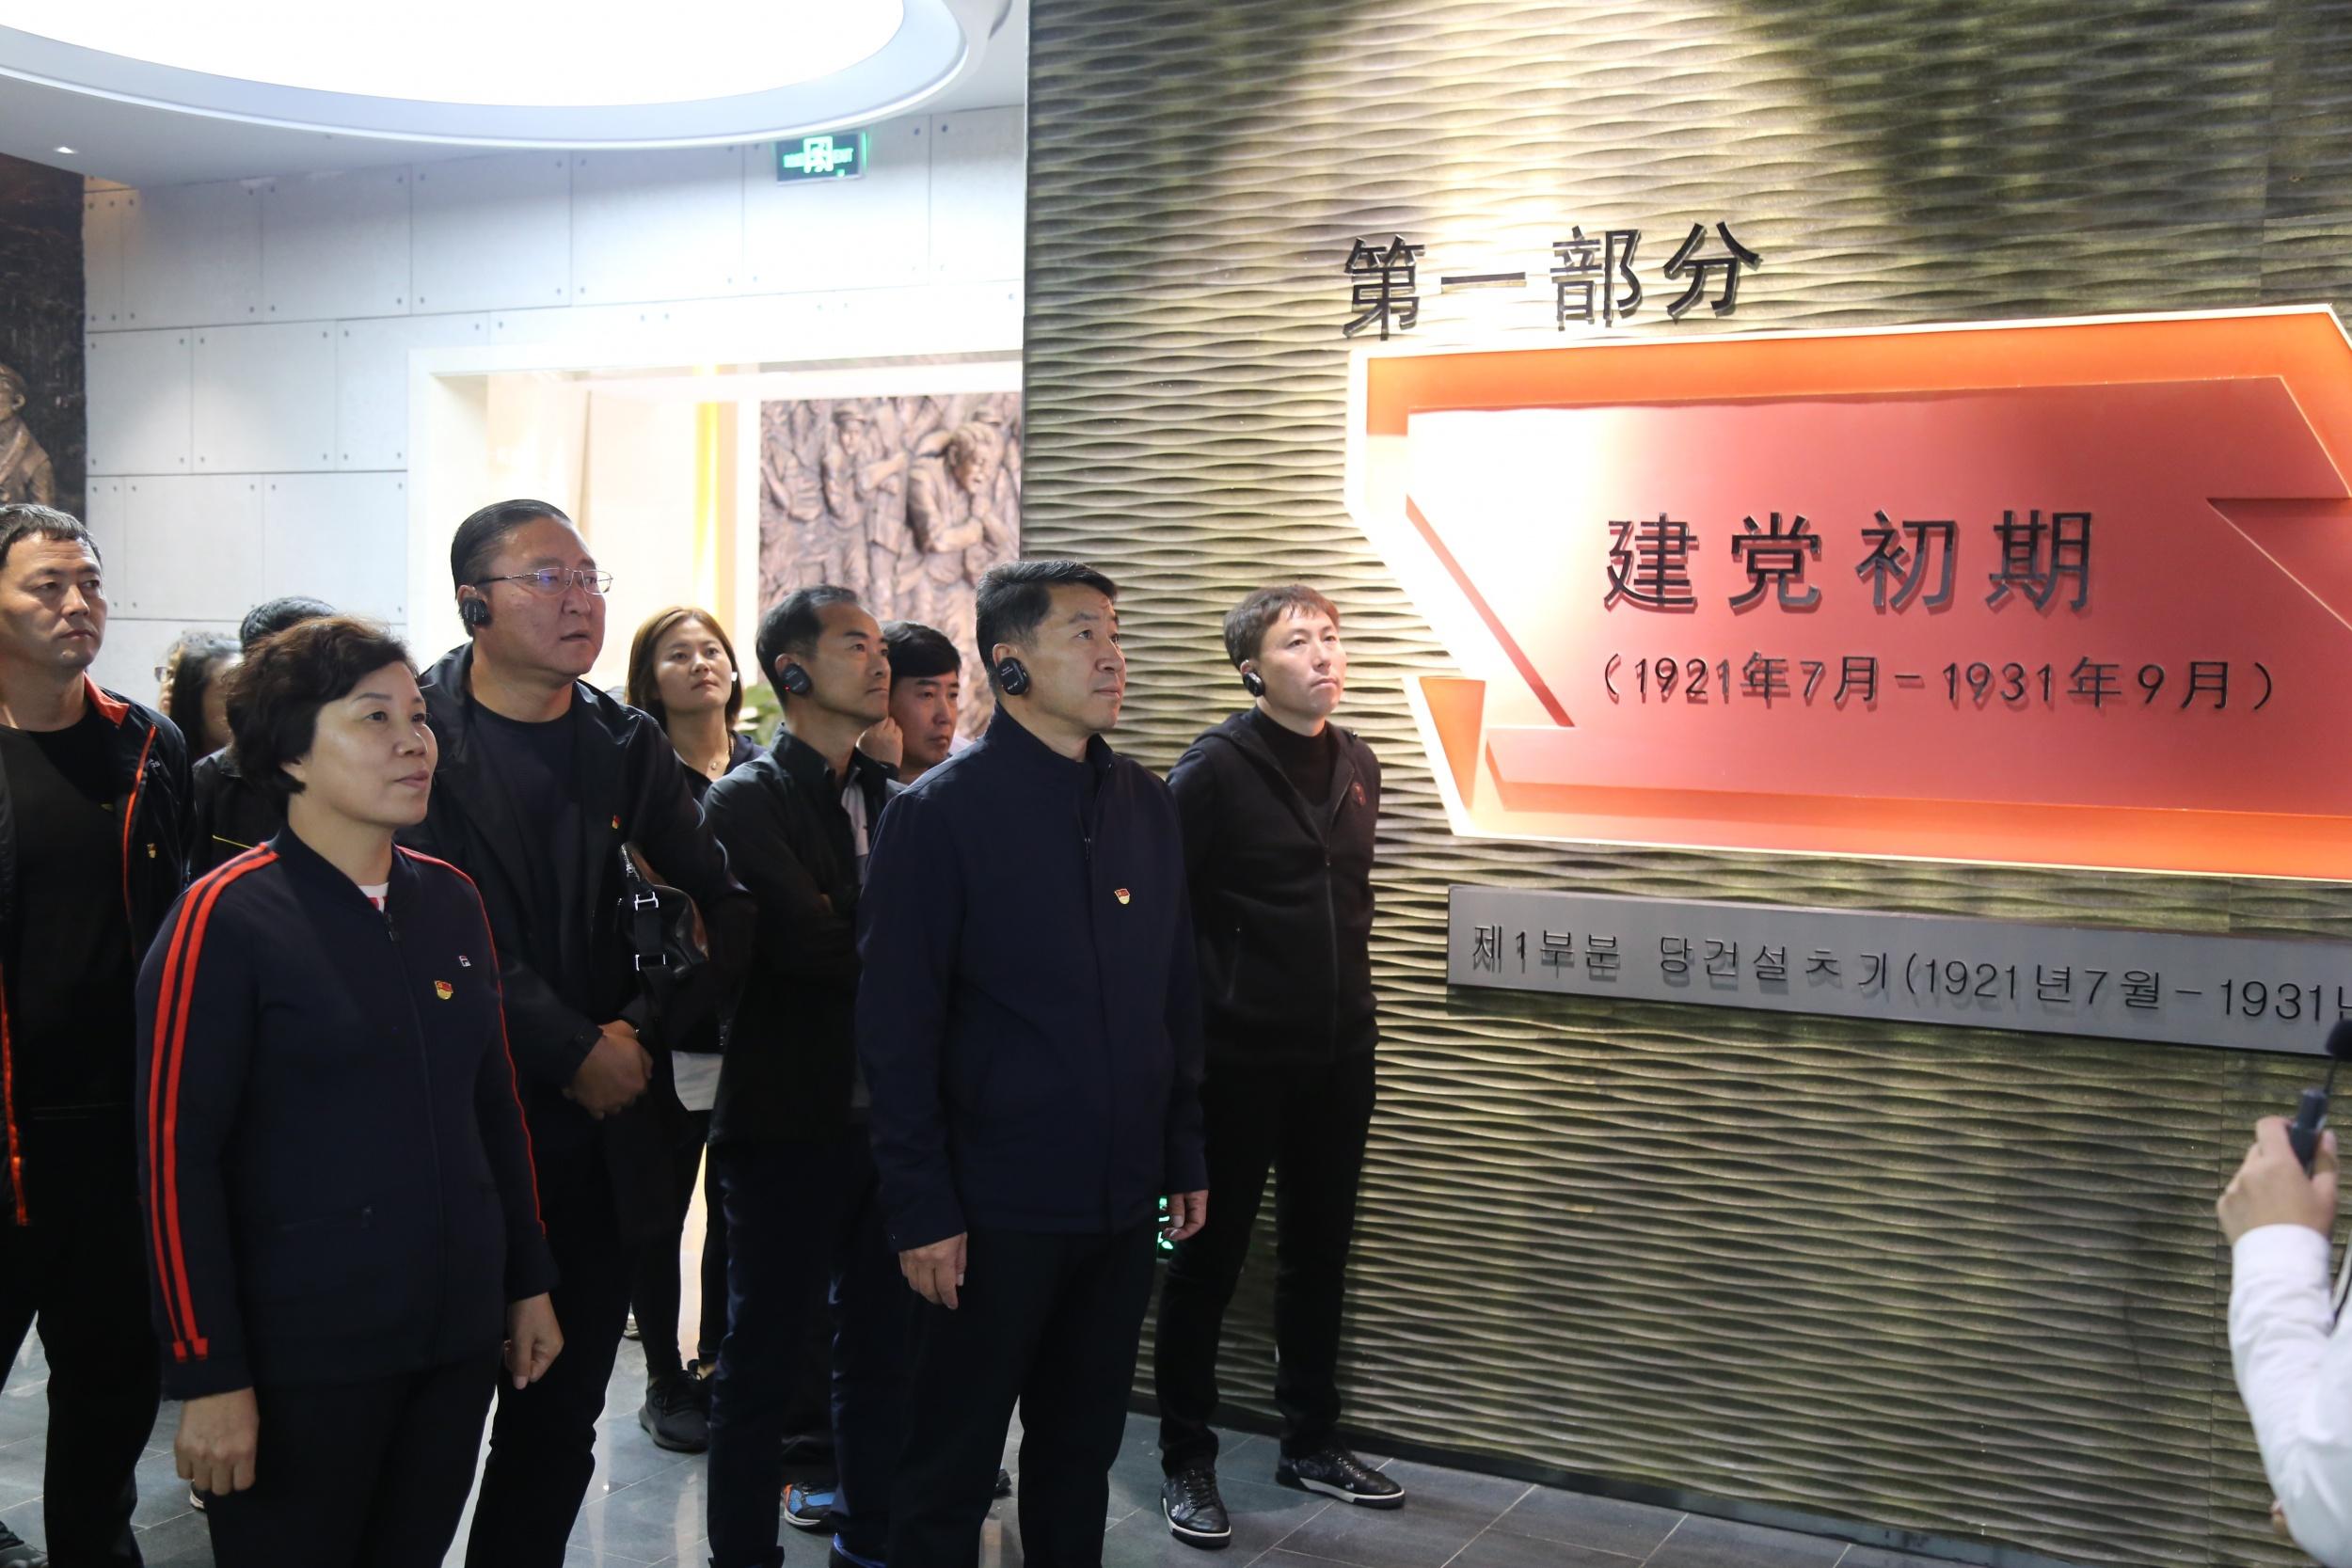 琿春政協開展主題黨日活動